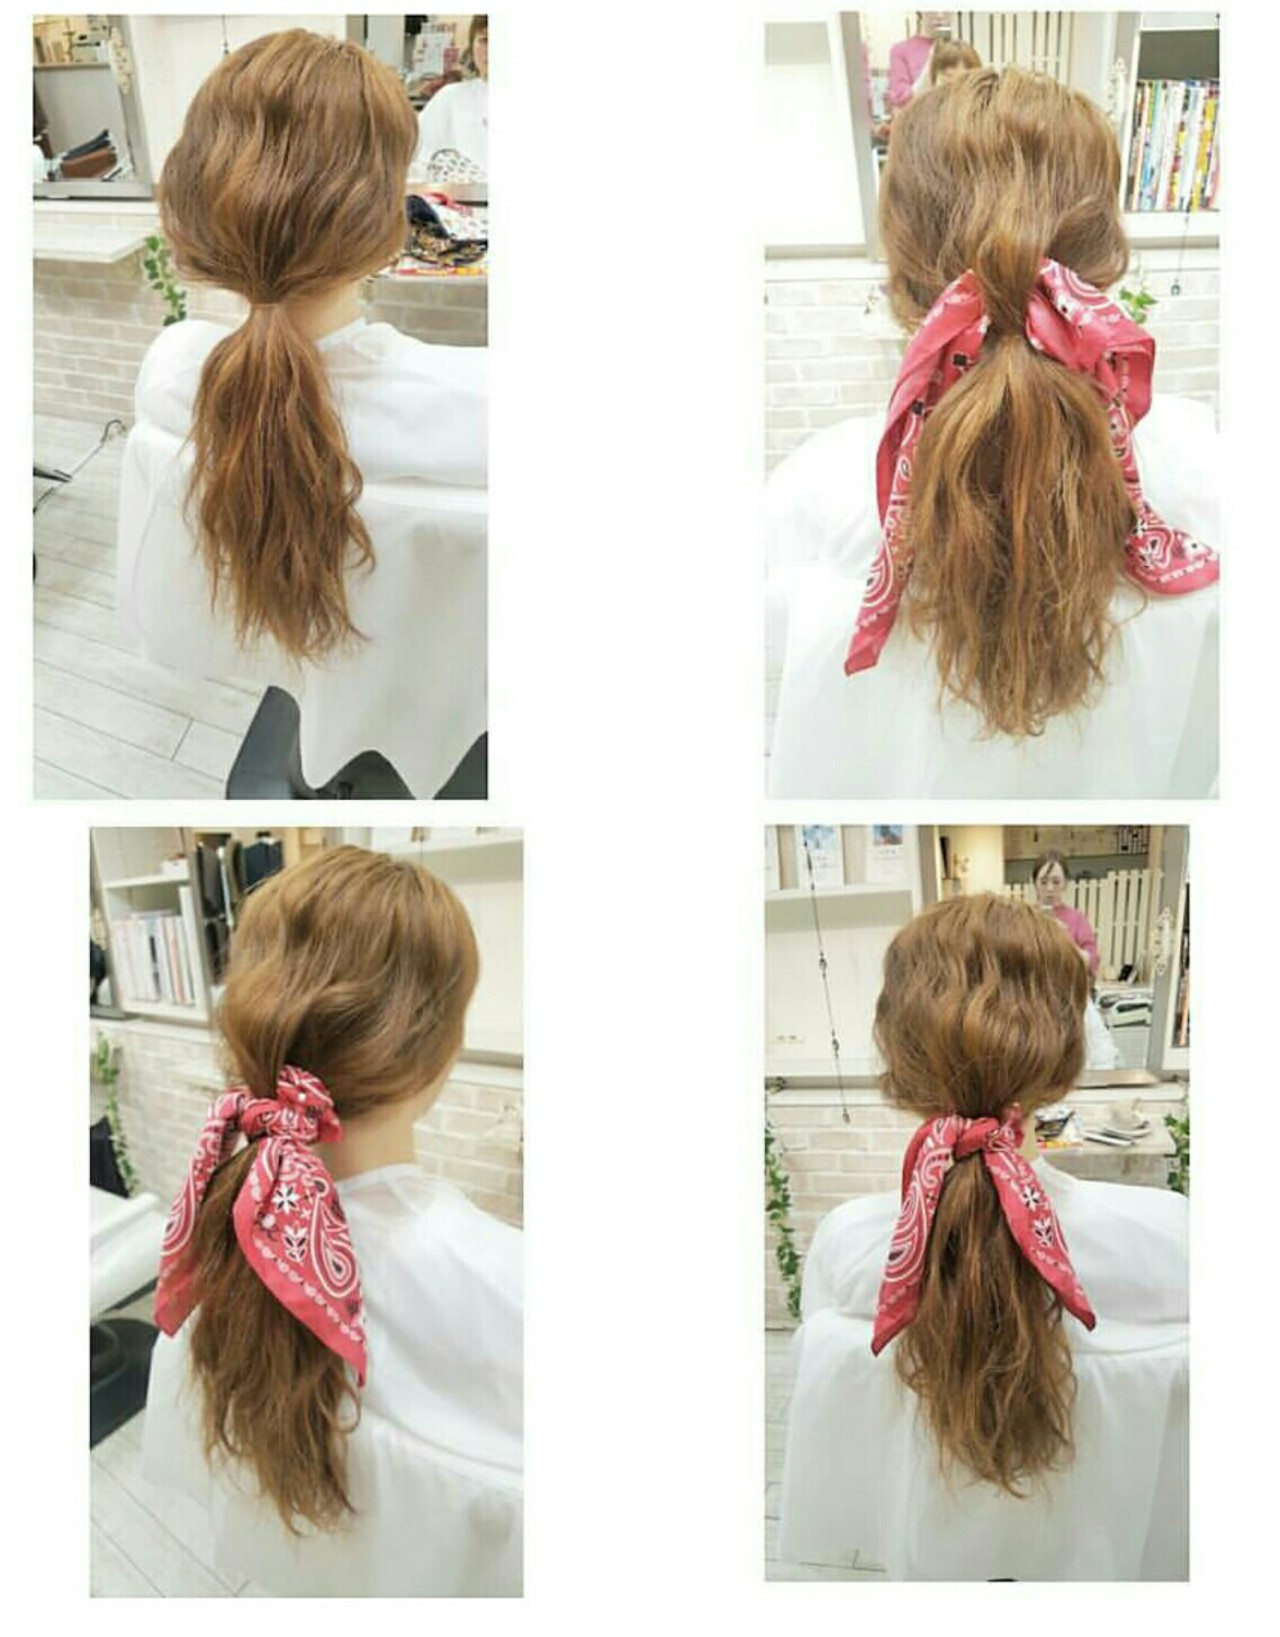 大人女子 ナチュラル ヘアアレンジ 簡単ヘアアレンジヘアスタイルや髪型の写真・画像